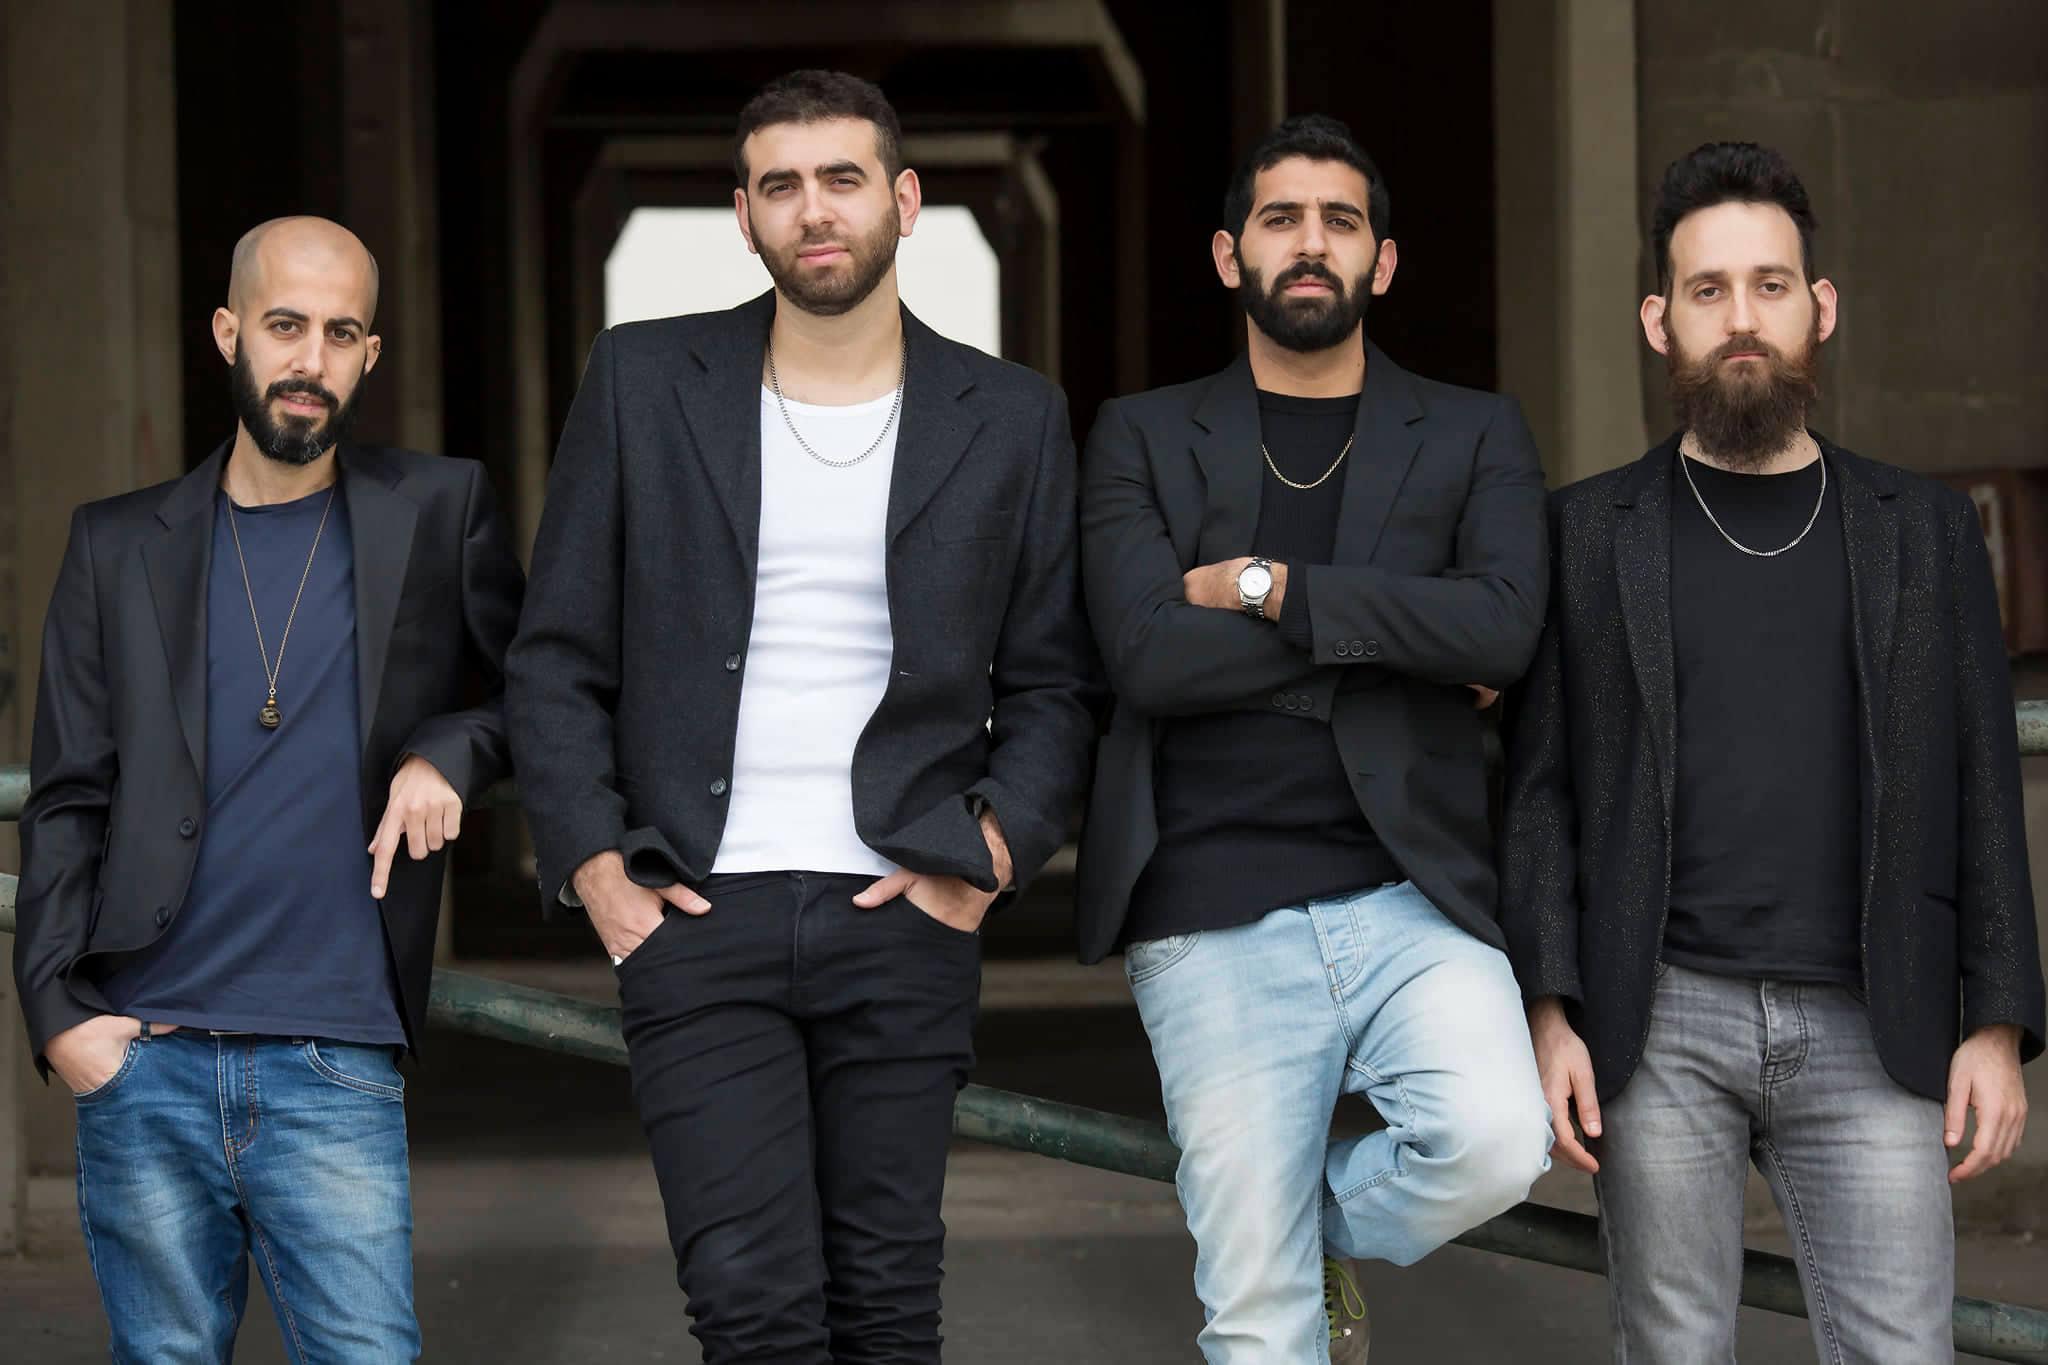 חיות במה /// ריאיון עם חברי להקת 'מפרשים' לכבוד צאת אלבומם הראשון